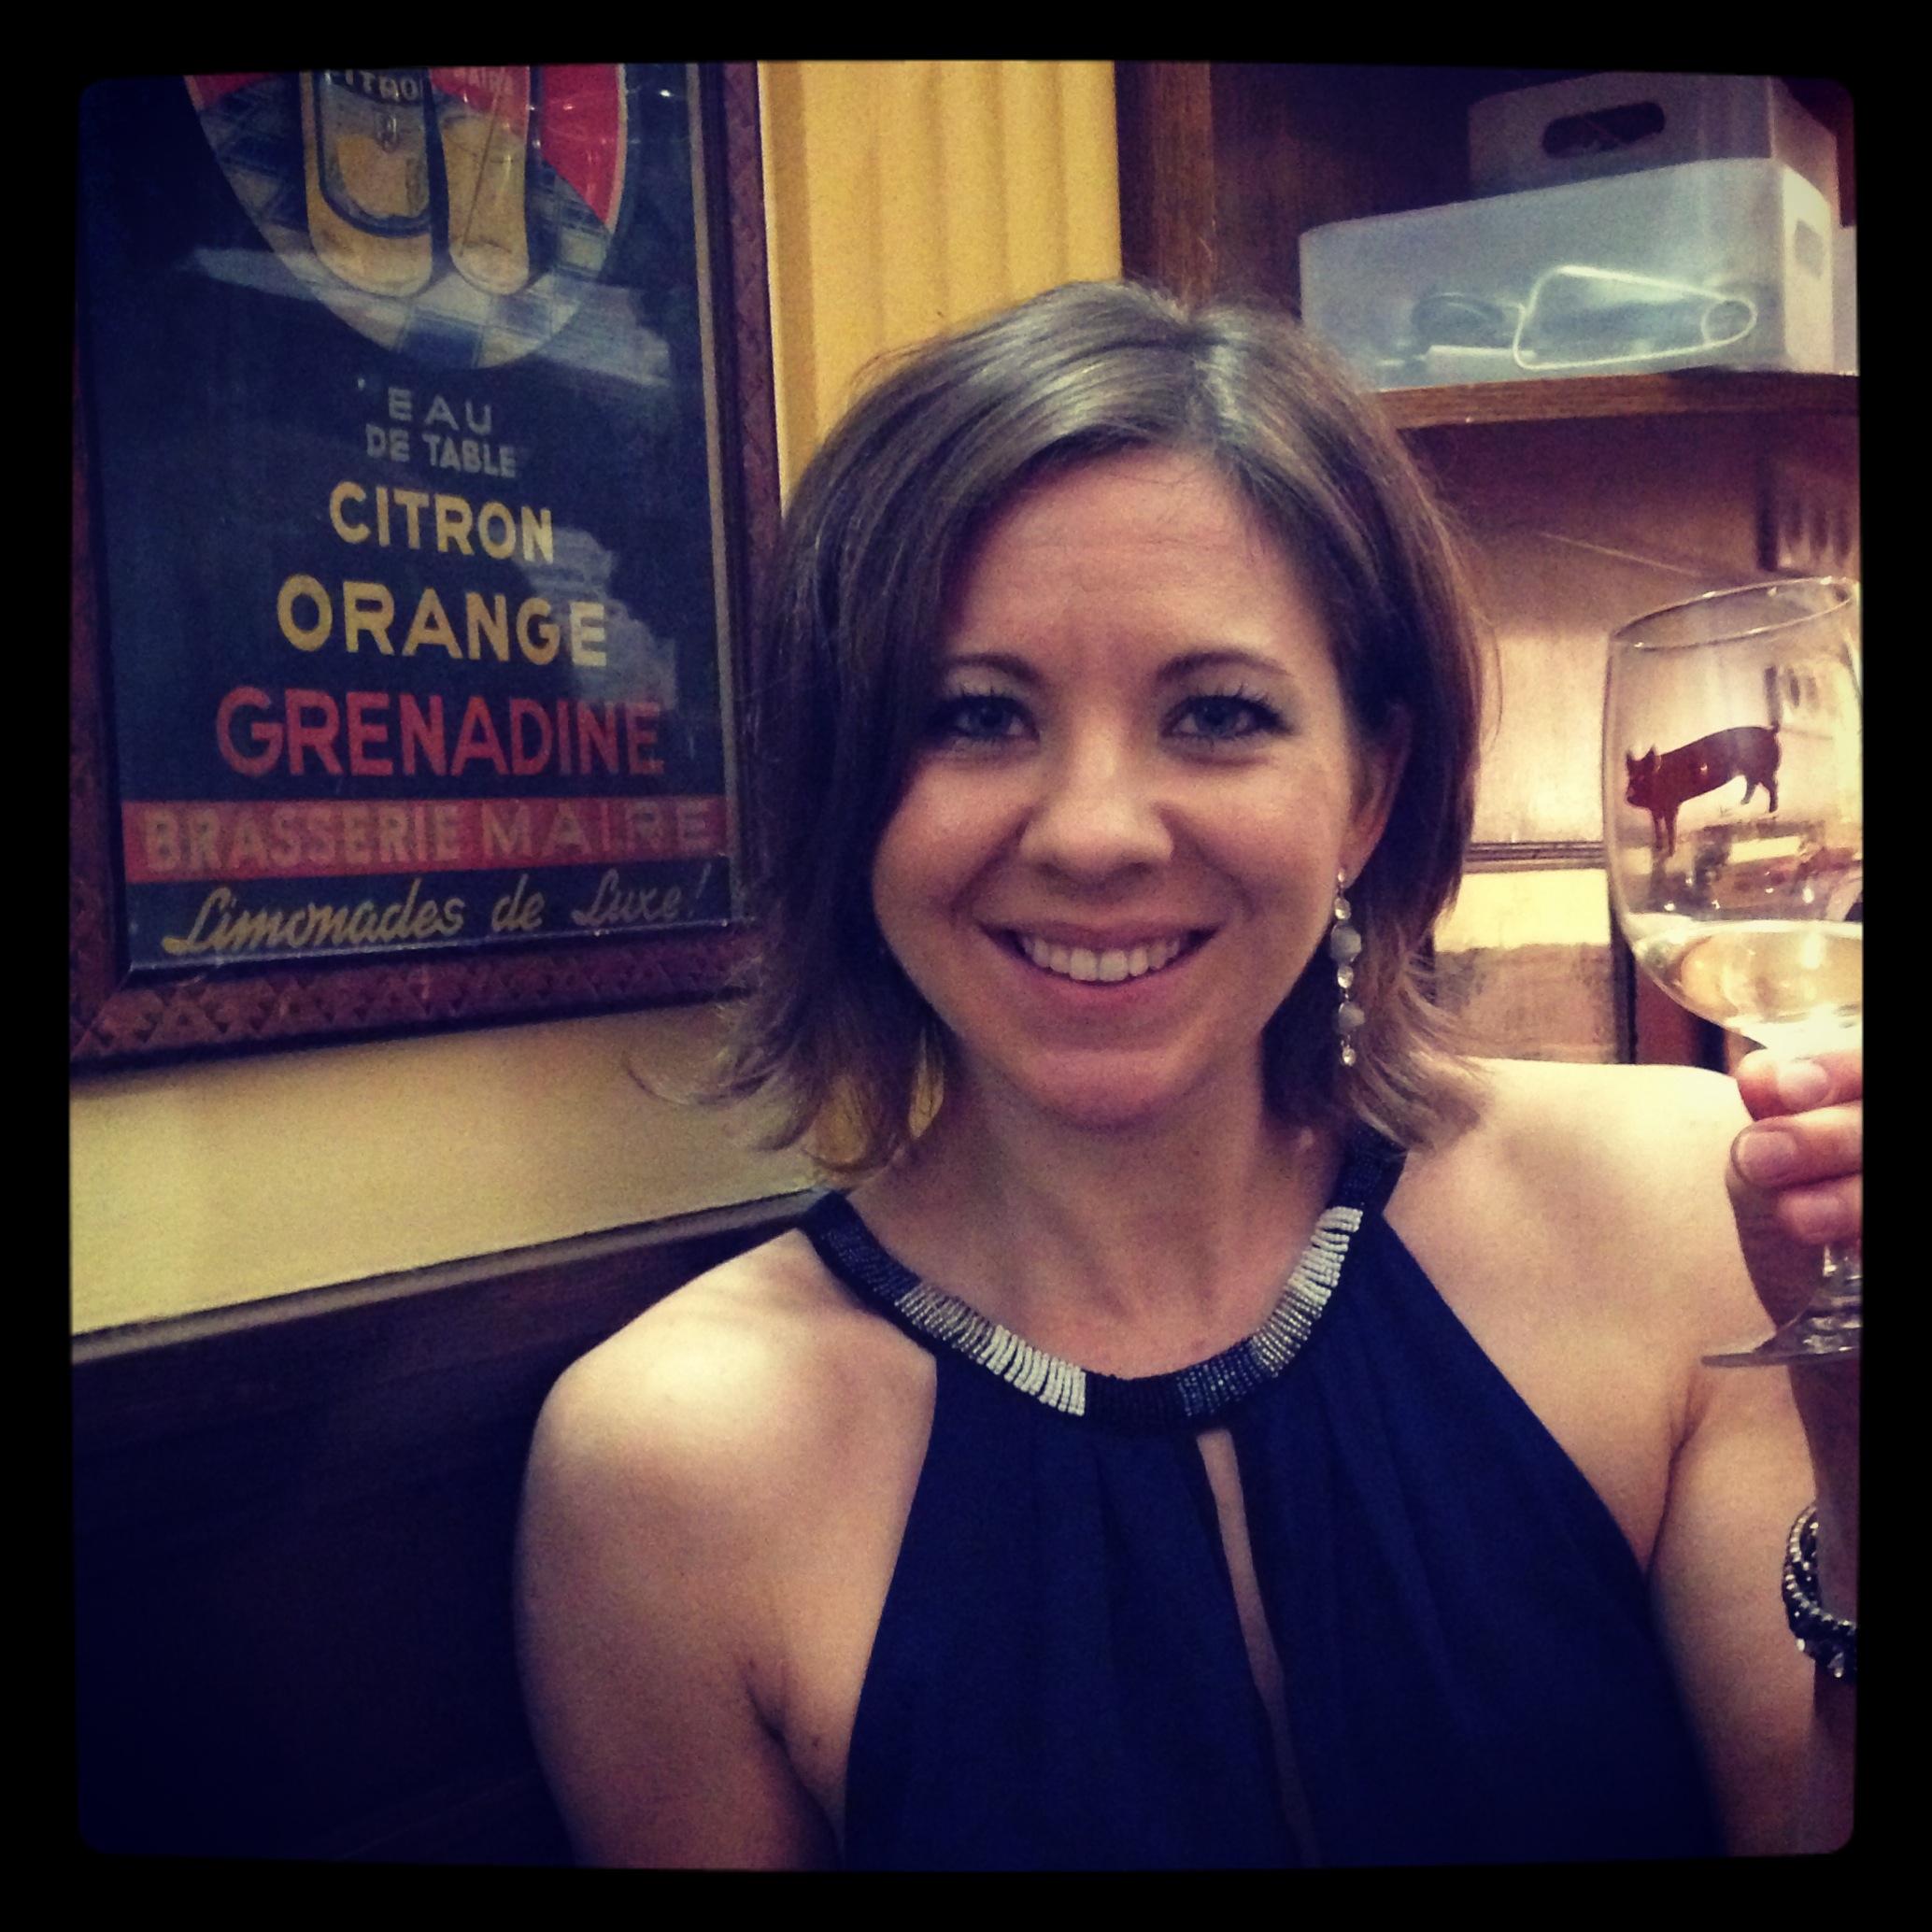 In Paris, drinking good wine.